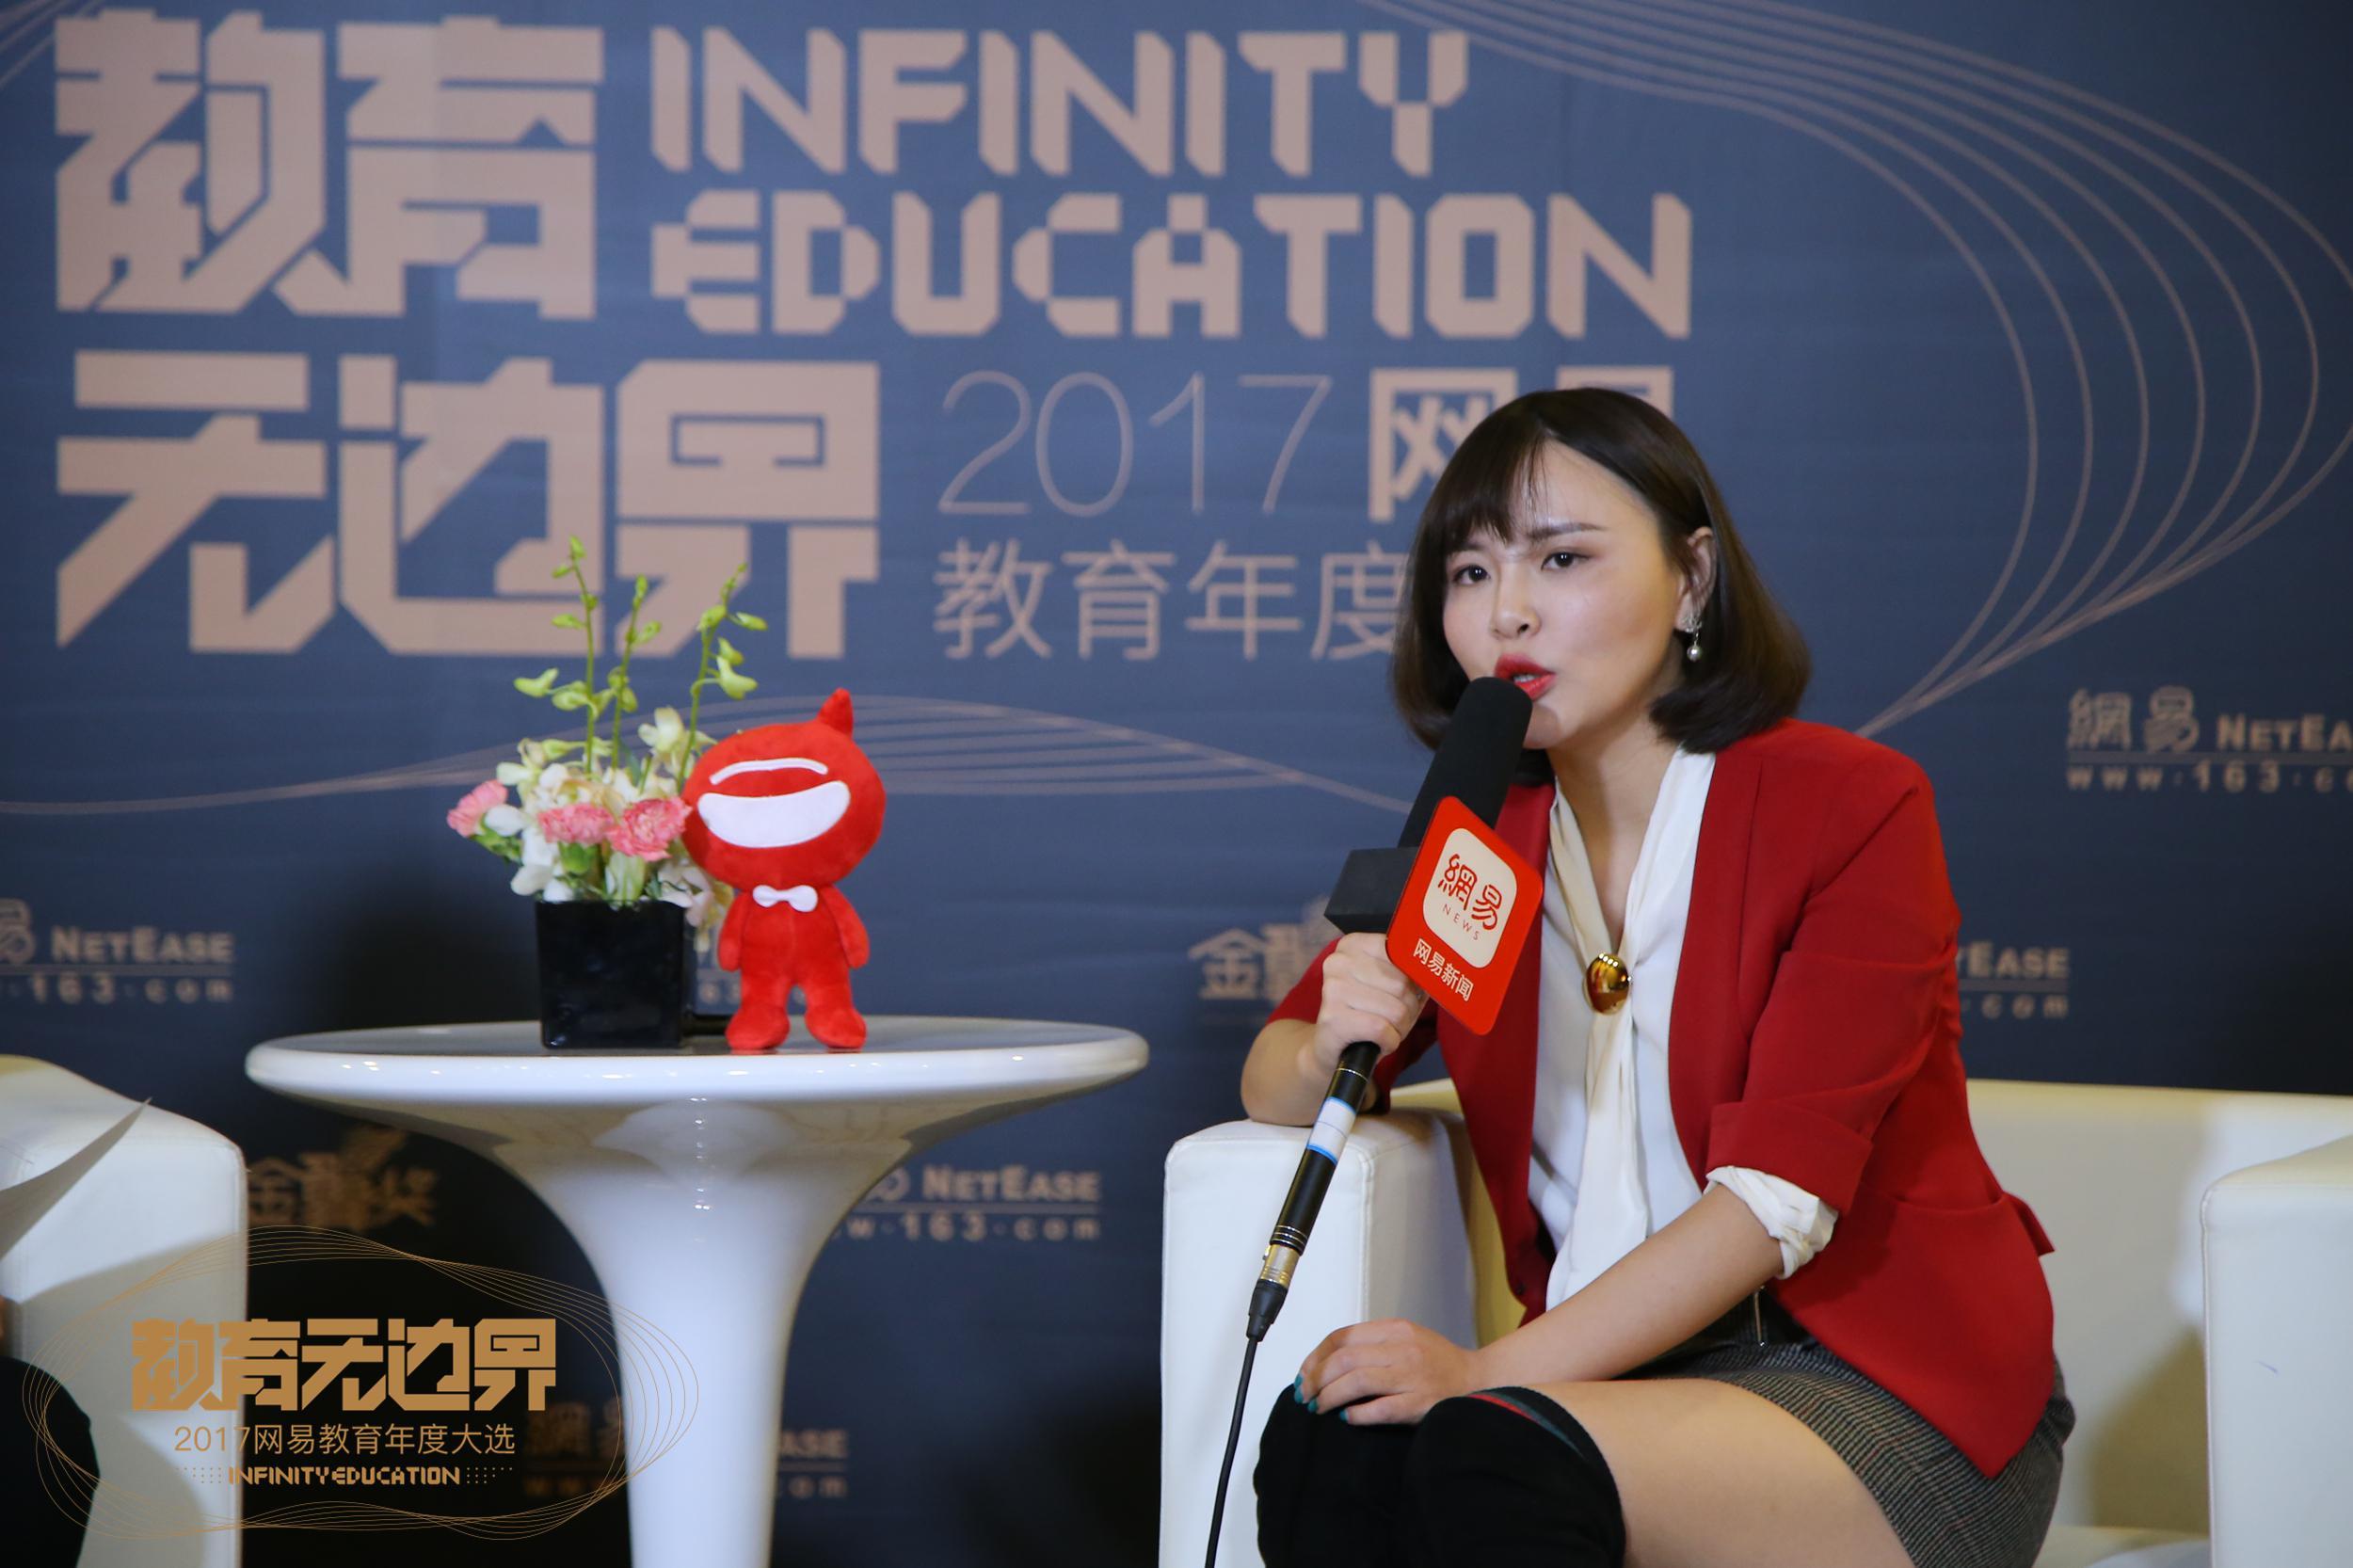 开锐教育檀琳琳:科技改造教学进程 继续投入研发